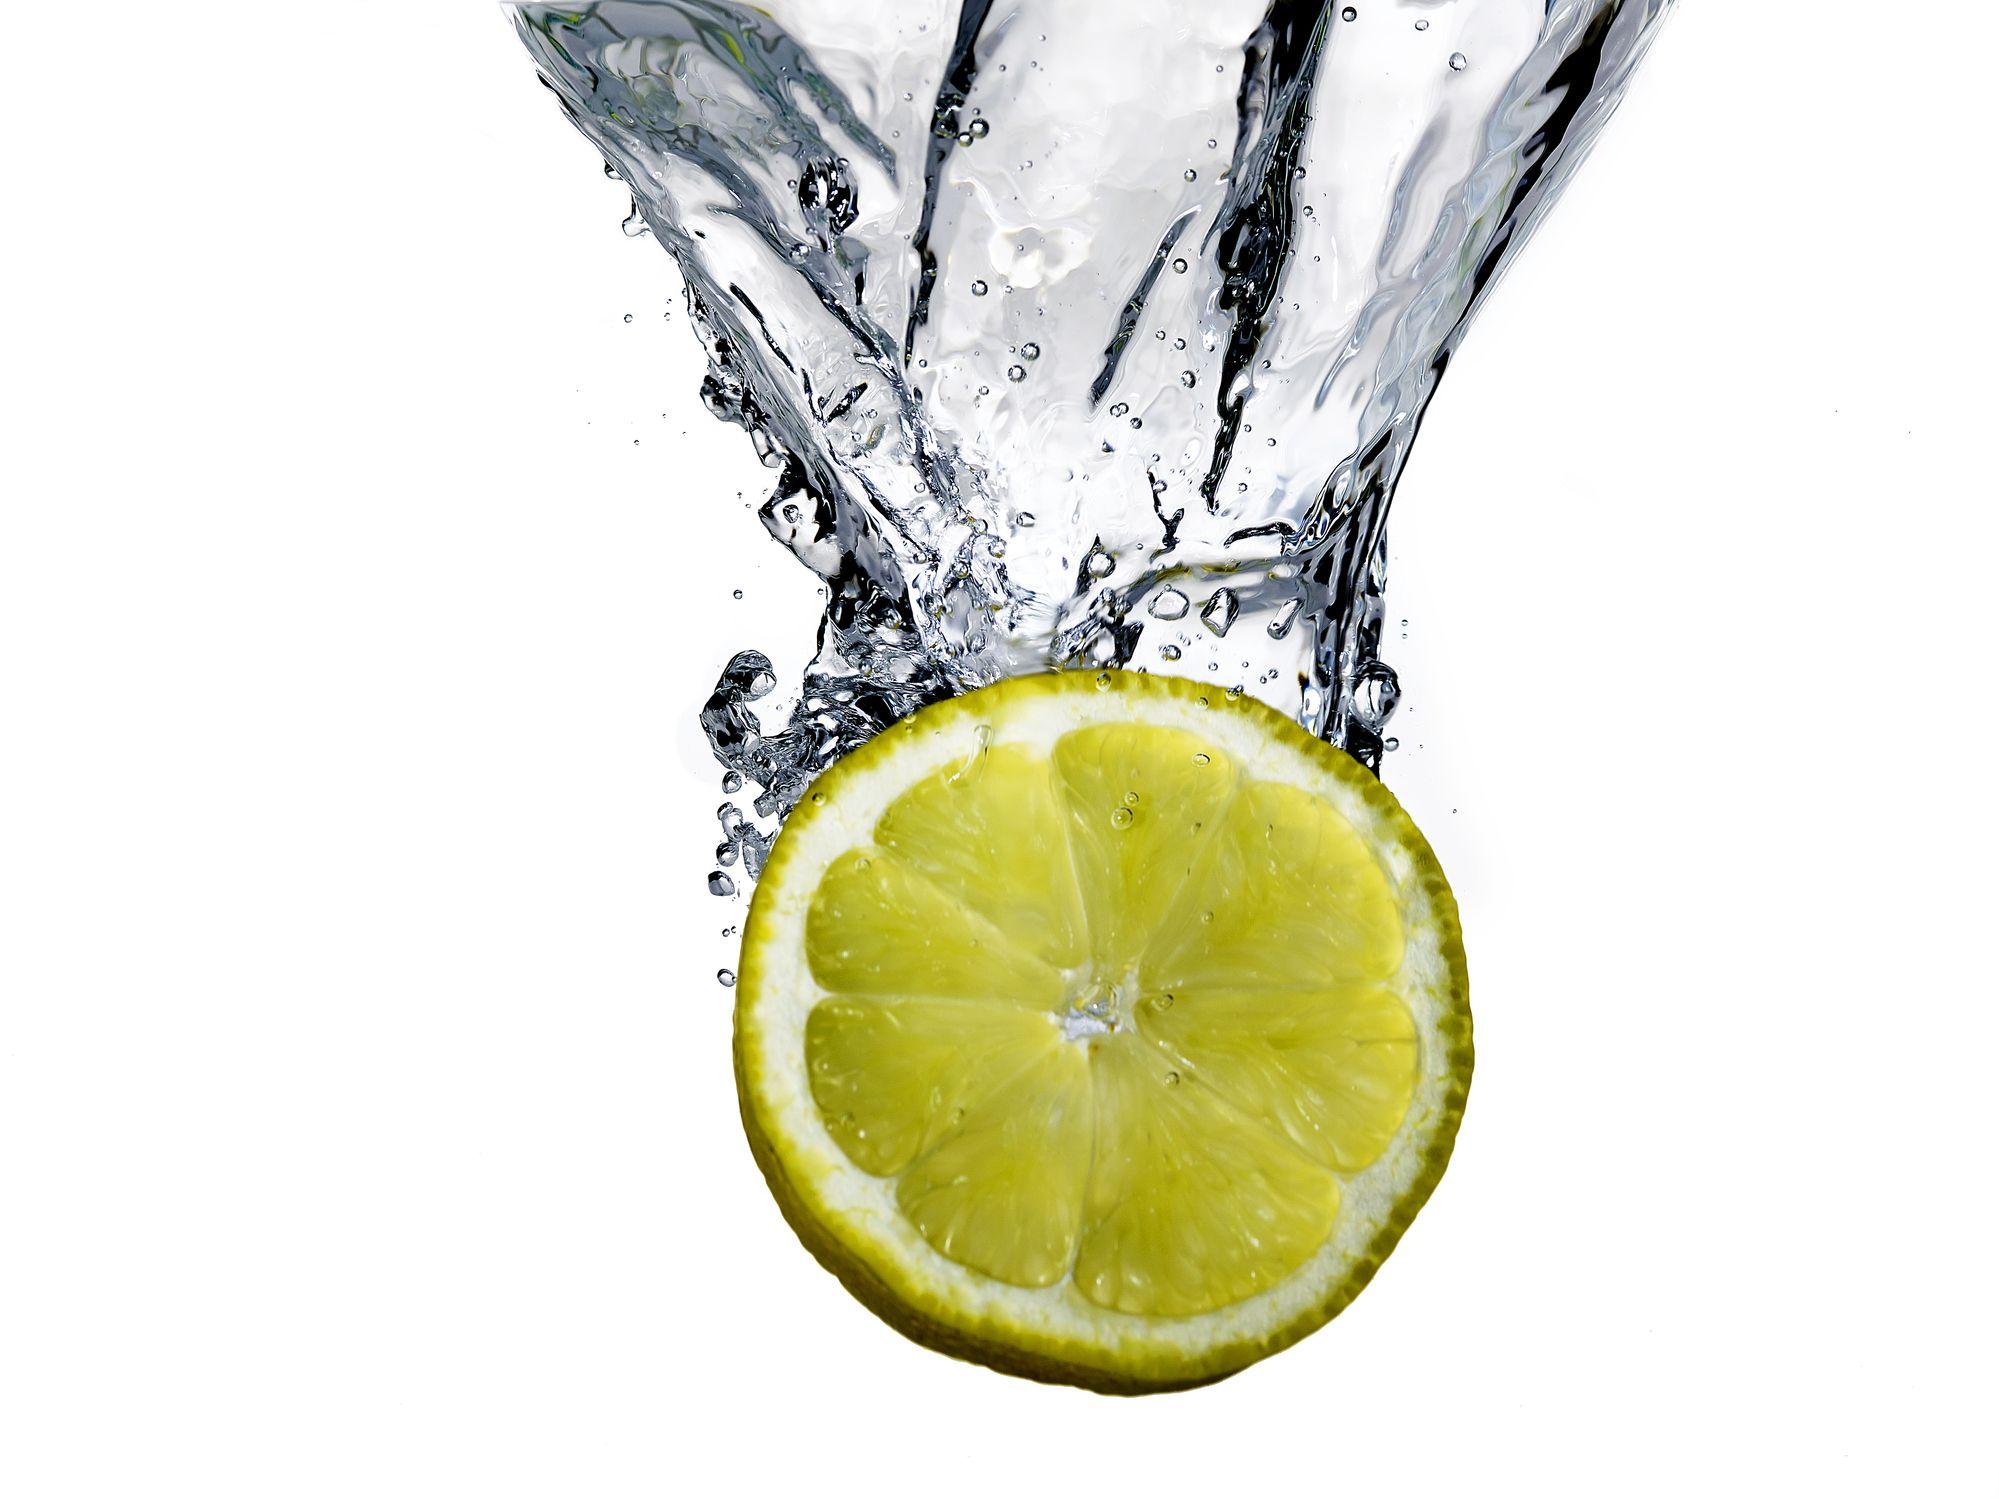 <p>Appena sveglie depuratevi e mettete in moto il metabolismo con mezzo limone (o almeno qualche goccia) spremuto in un bicchiere d'acqua tiepida. «Il limone, contrariamente a quanto si pensa, non è acidificante, al contrario: nel corpo l'acido citrico si trasforma in citrato, un composto basico che aiuta a riequilibare il pH dell'organismo, spesso troppo acido e di conseguenza terreno fertile per l'insorgenza di infiammazioni e patologie, tra le quali la cellulite», afferma il <em>dottor Garzia, direttore sanitario</em> delle Terme di Sant'Agnese a Bagno di Romagna.</p>